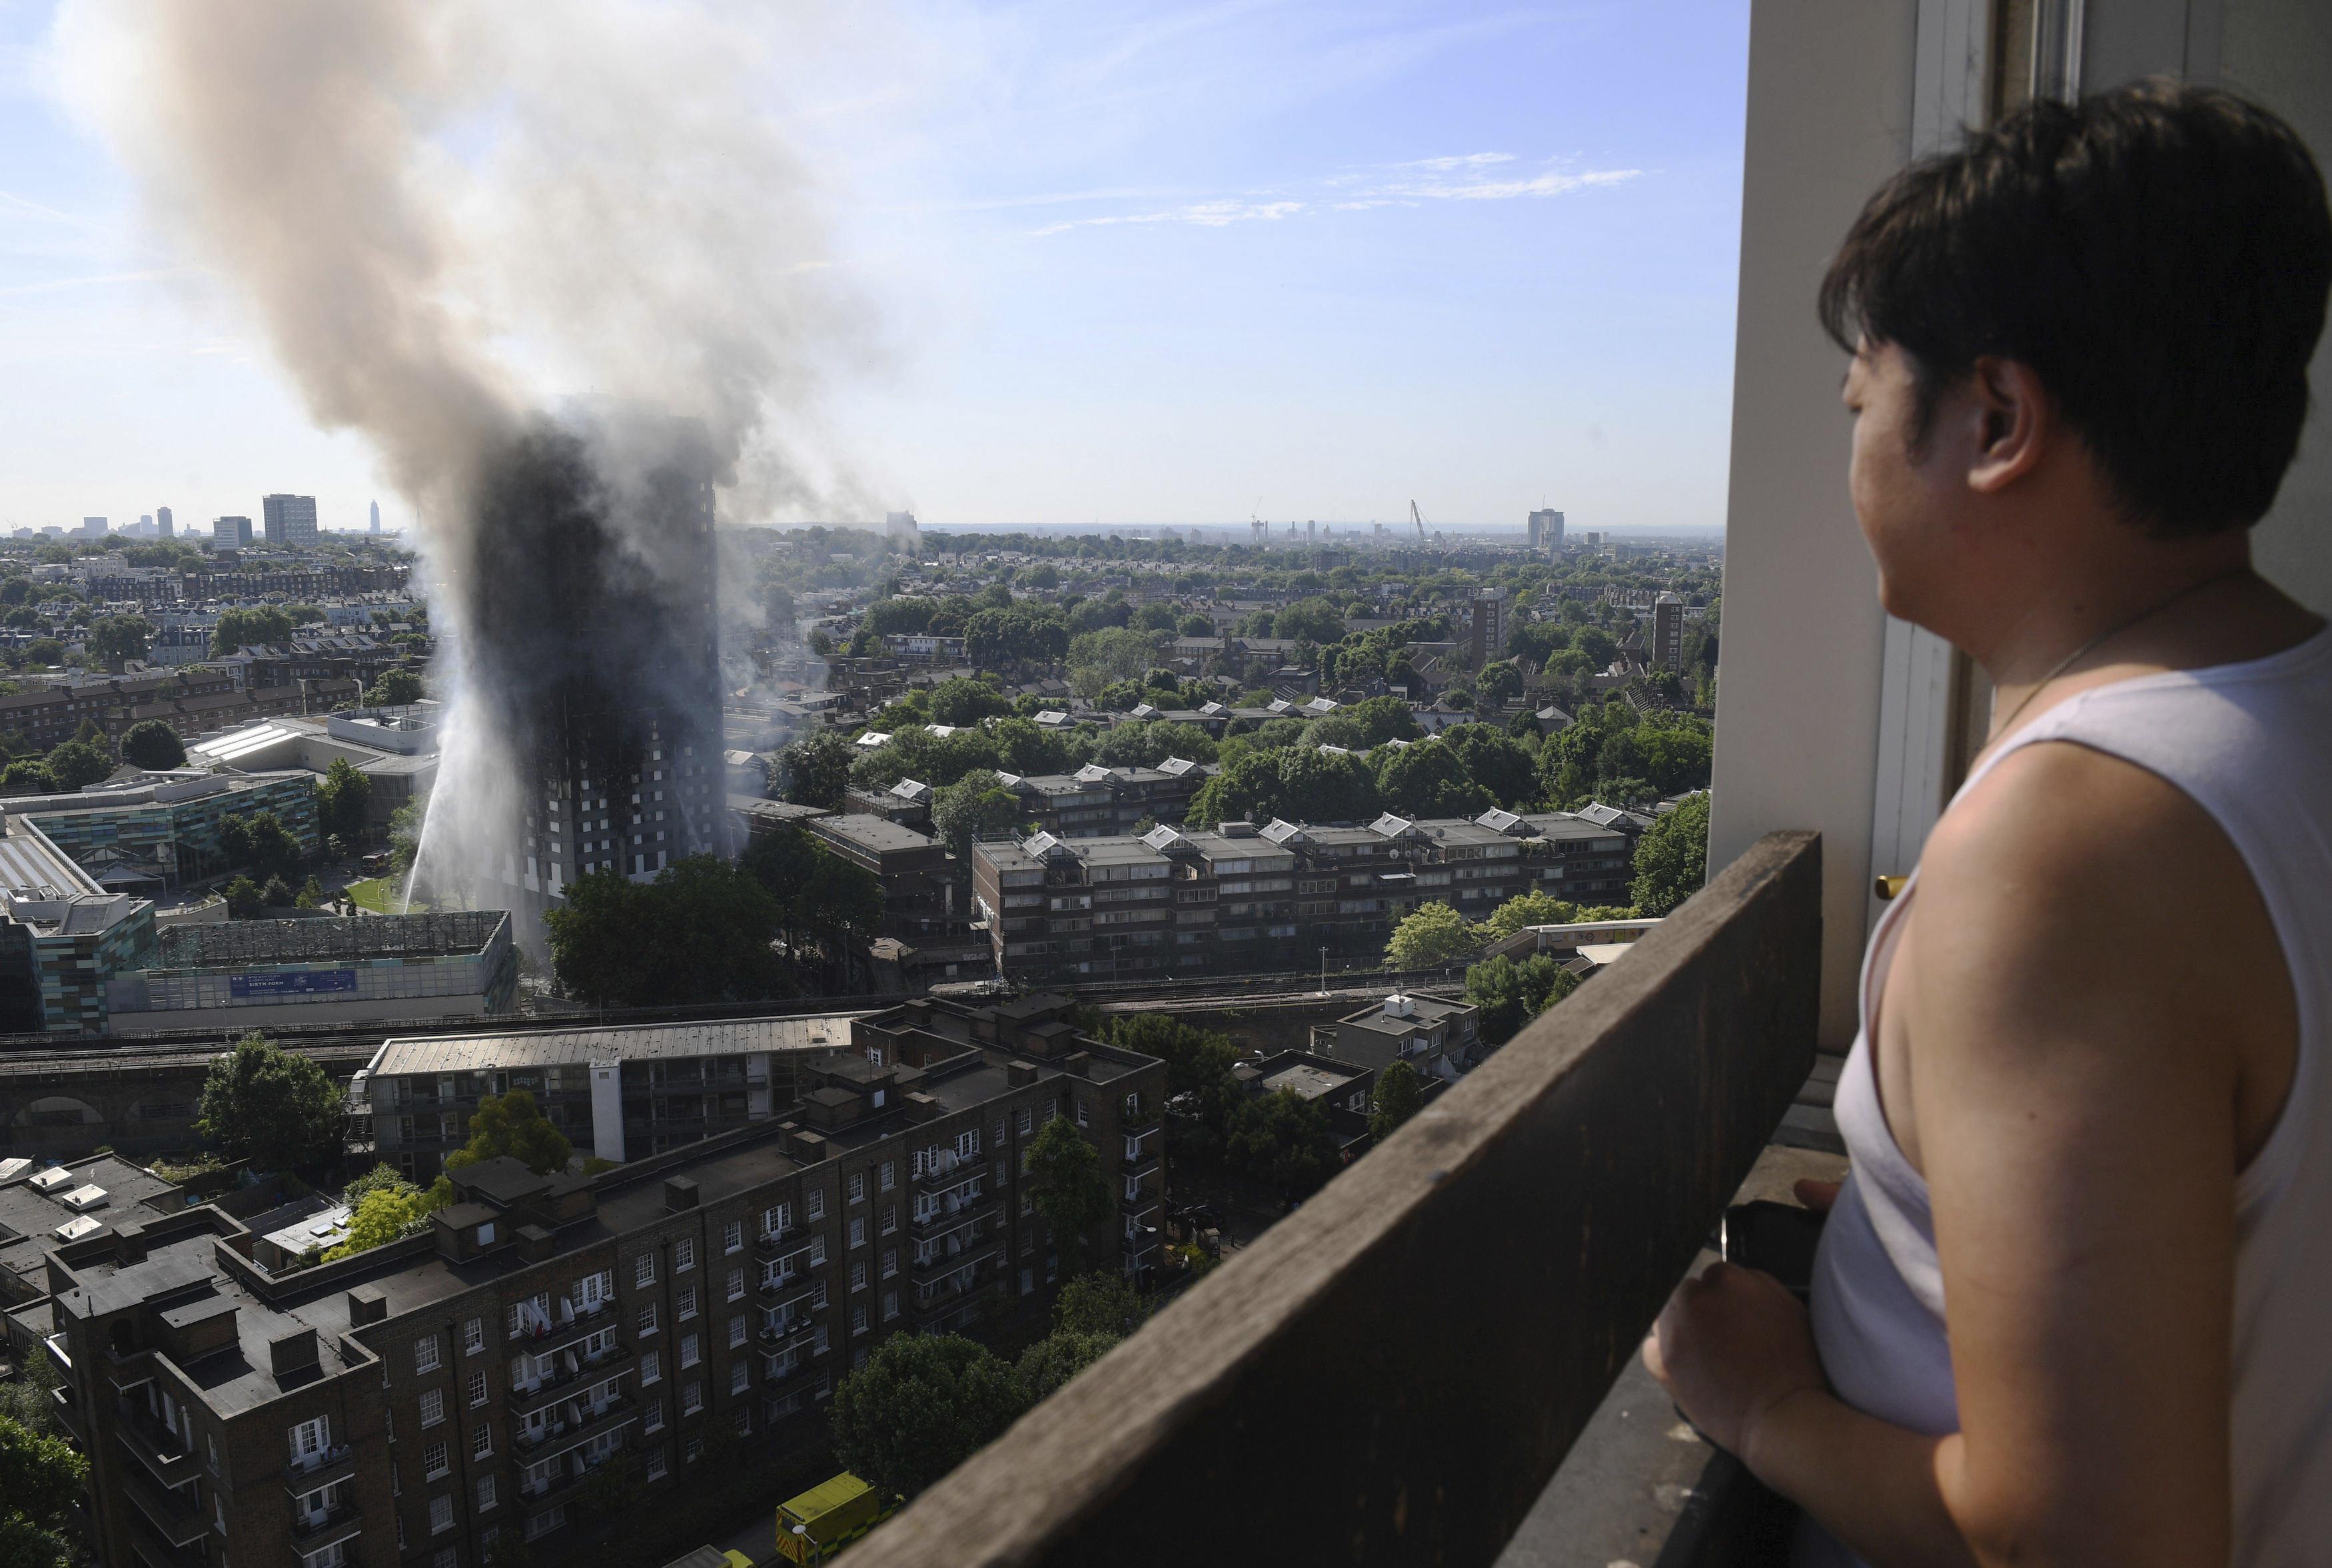 Al menos 6 muertos y 64 heridos en incendio de edificio en Londres